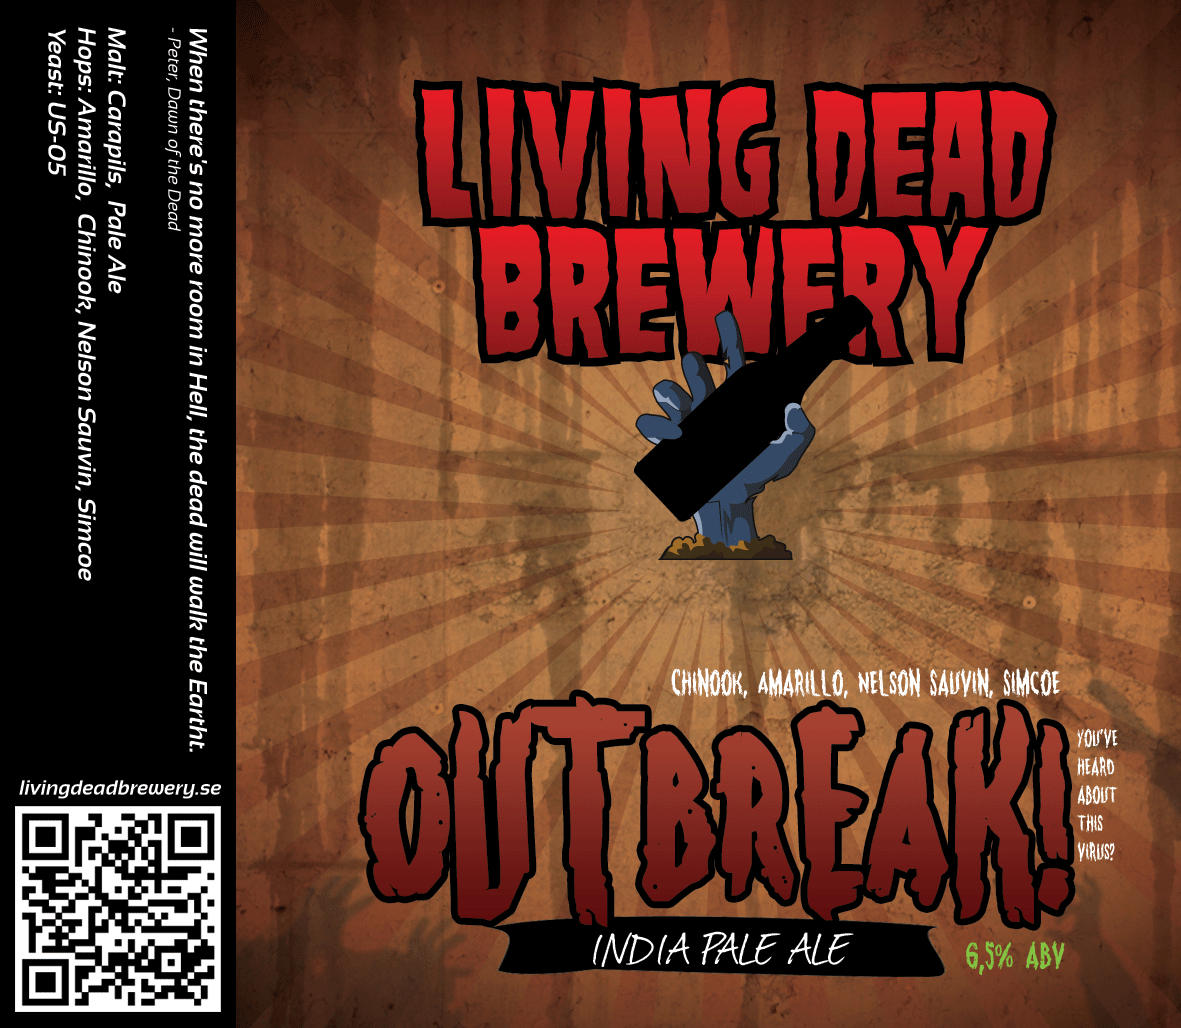 Etikett: Outbreak!